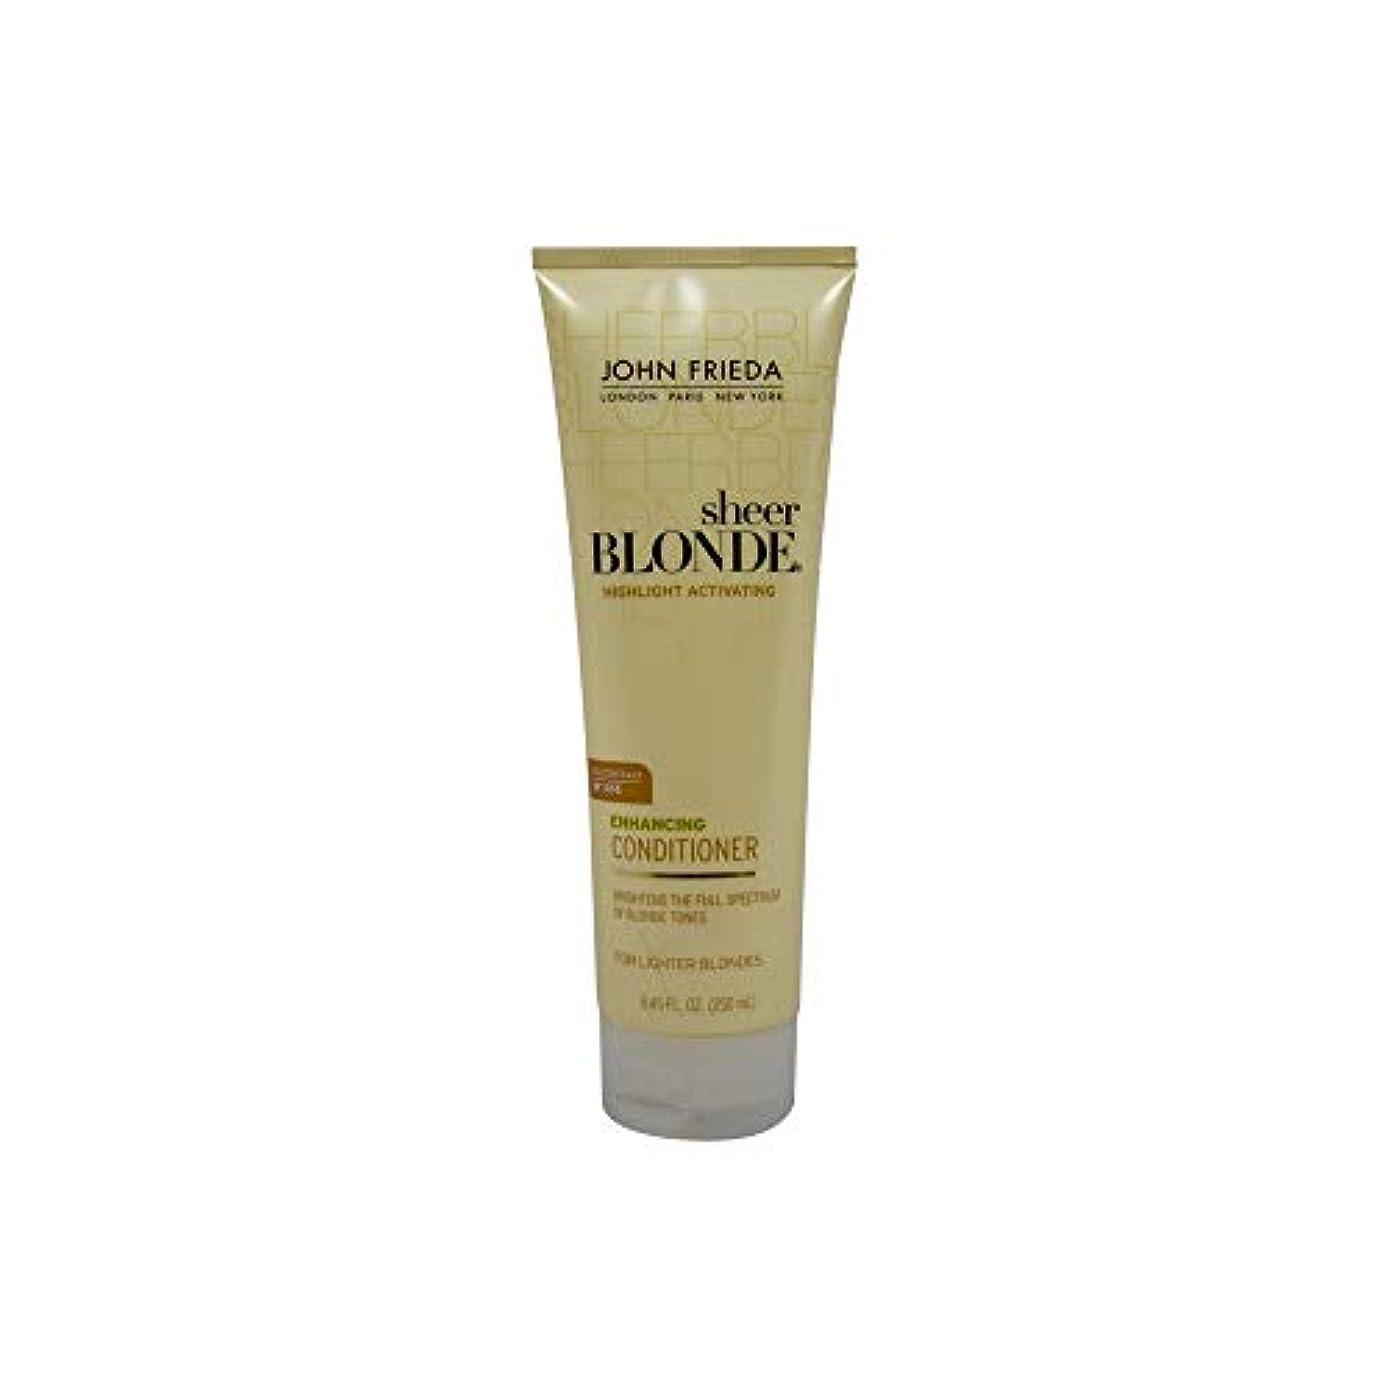 離れた瞑想する未満John Frieda Sheer Blonde Highlight Activating Enhancing Conditioner (For Lighter Blondes), 8.45 Oz by John Frieda